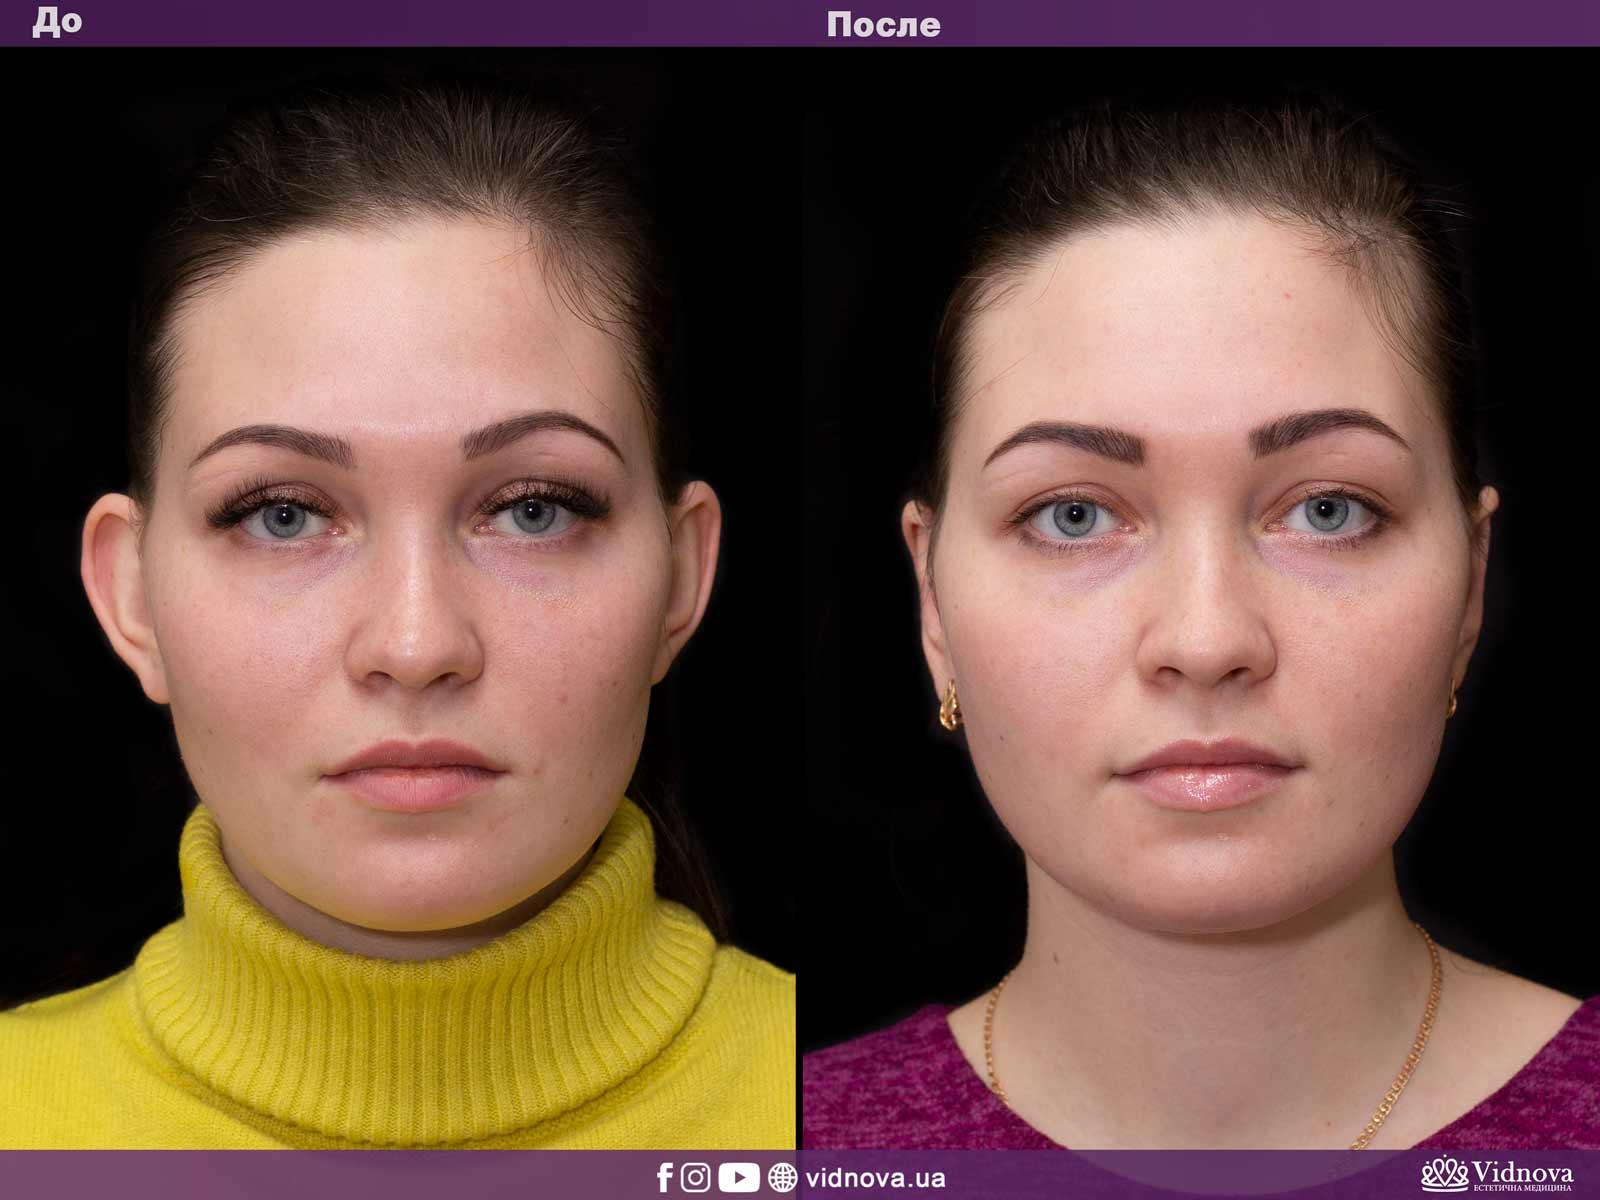 Отопластика: Фото До и После - Пример №2-1 - Клиника Vidnova